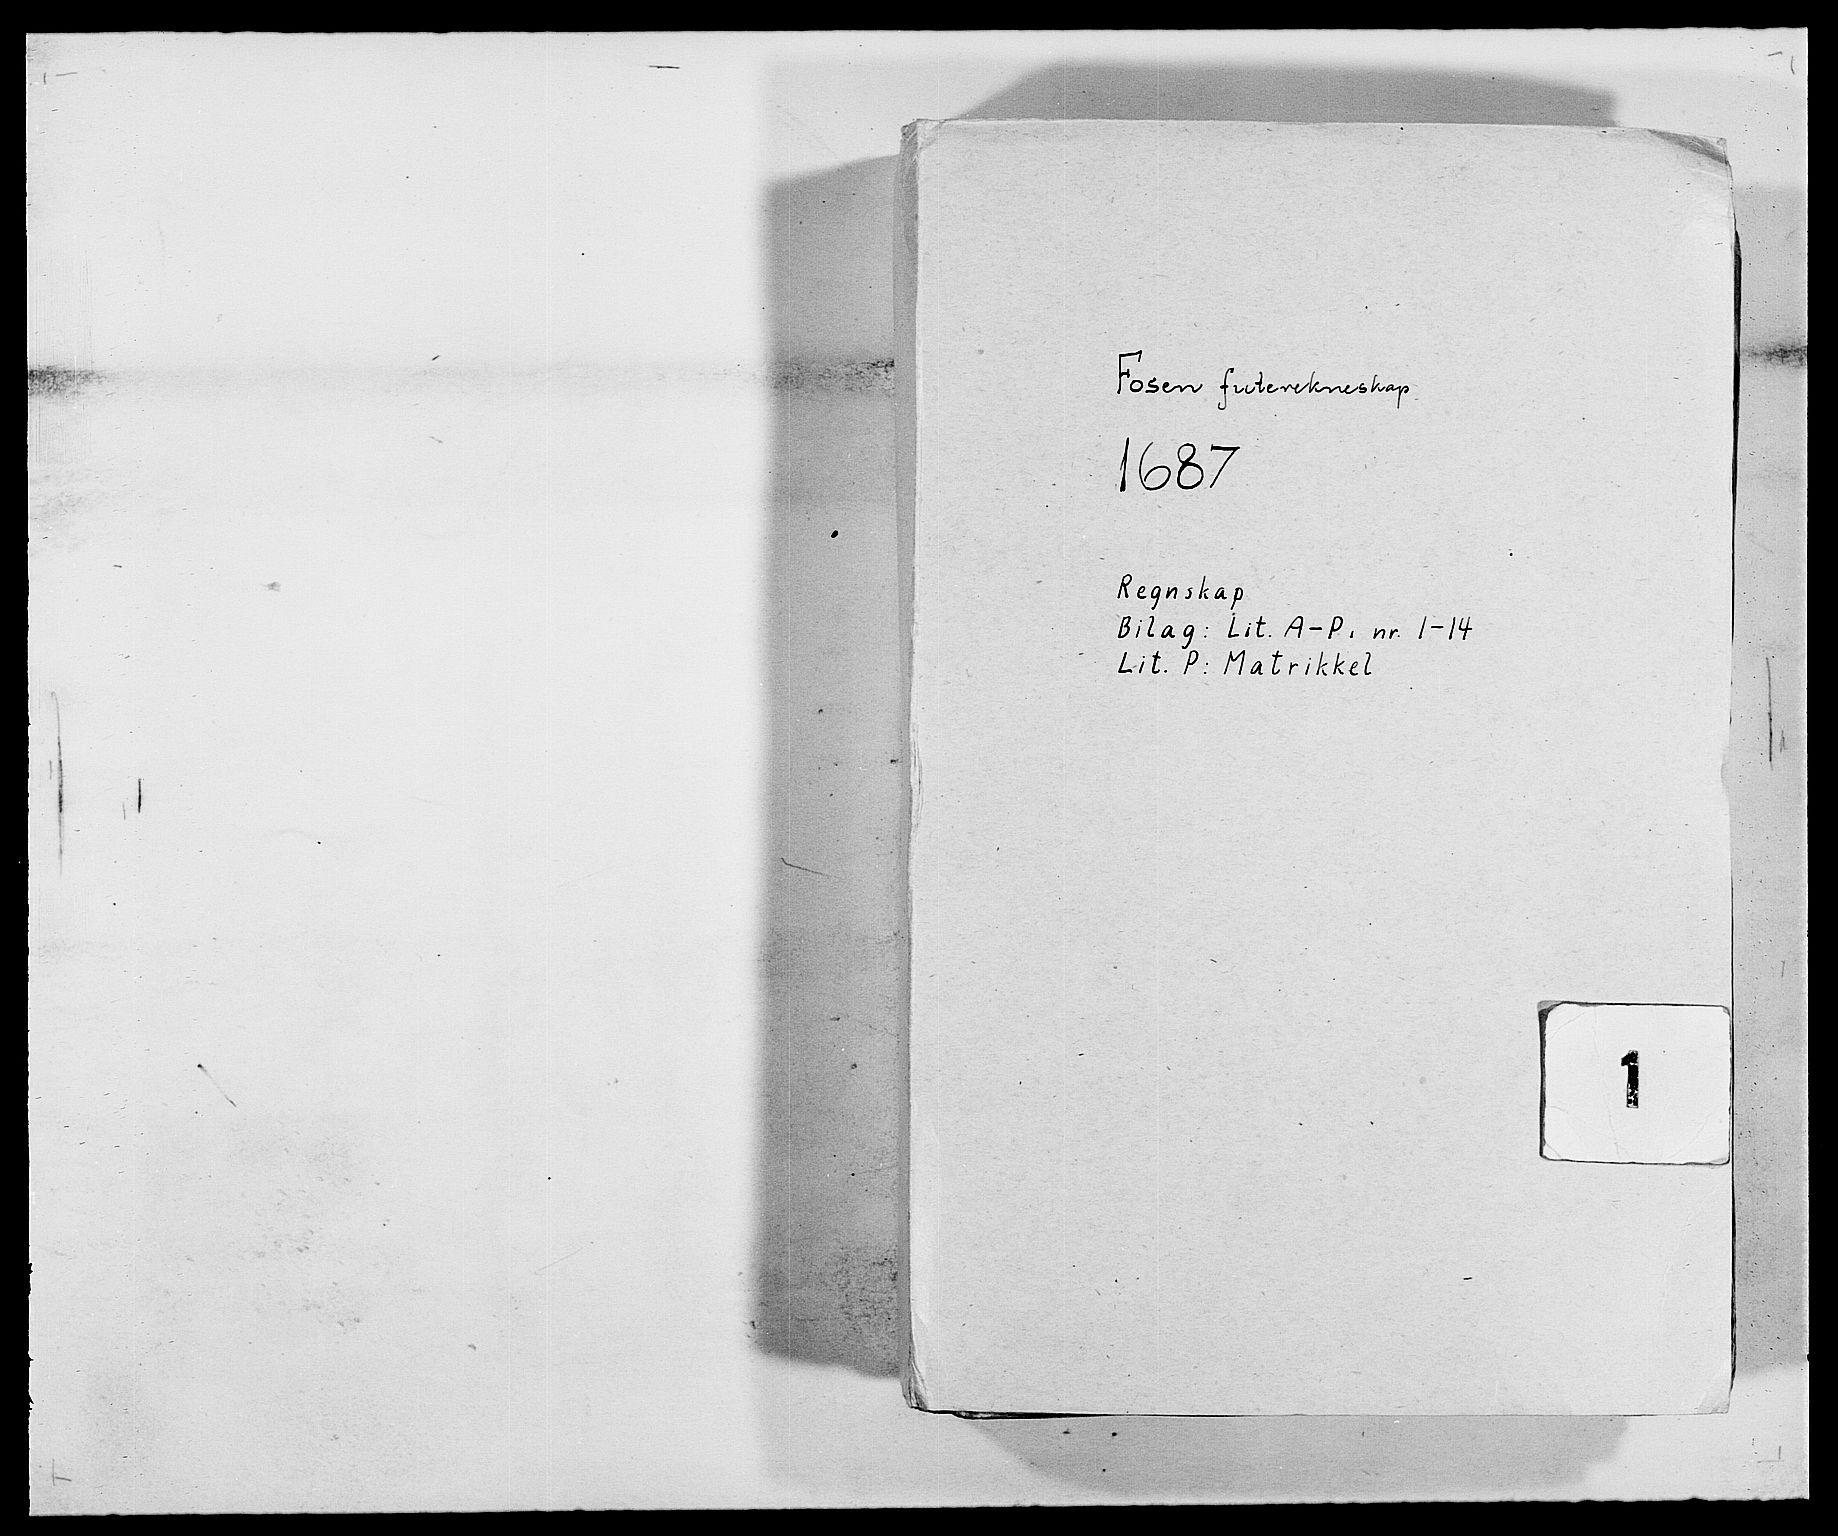 RA, Rentekammeret inntil 1814, Reviderte regnskaper, Fogderegnskap, R57/L3845: Fogderegnskap Fosen, 1687, s. 1